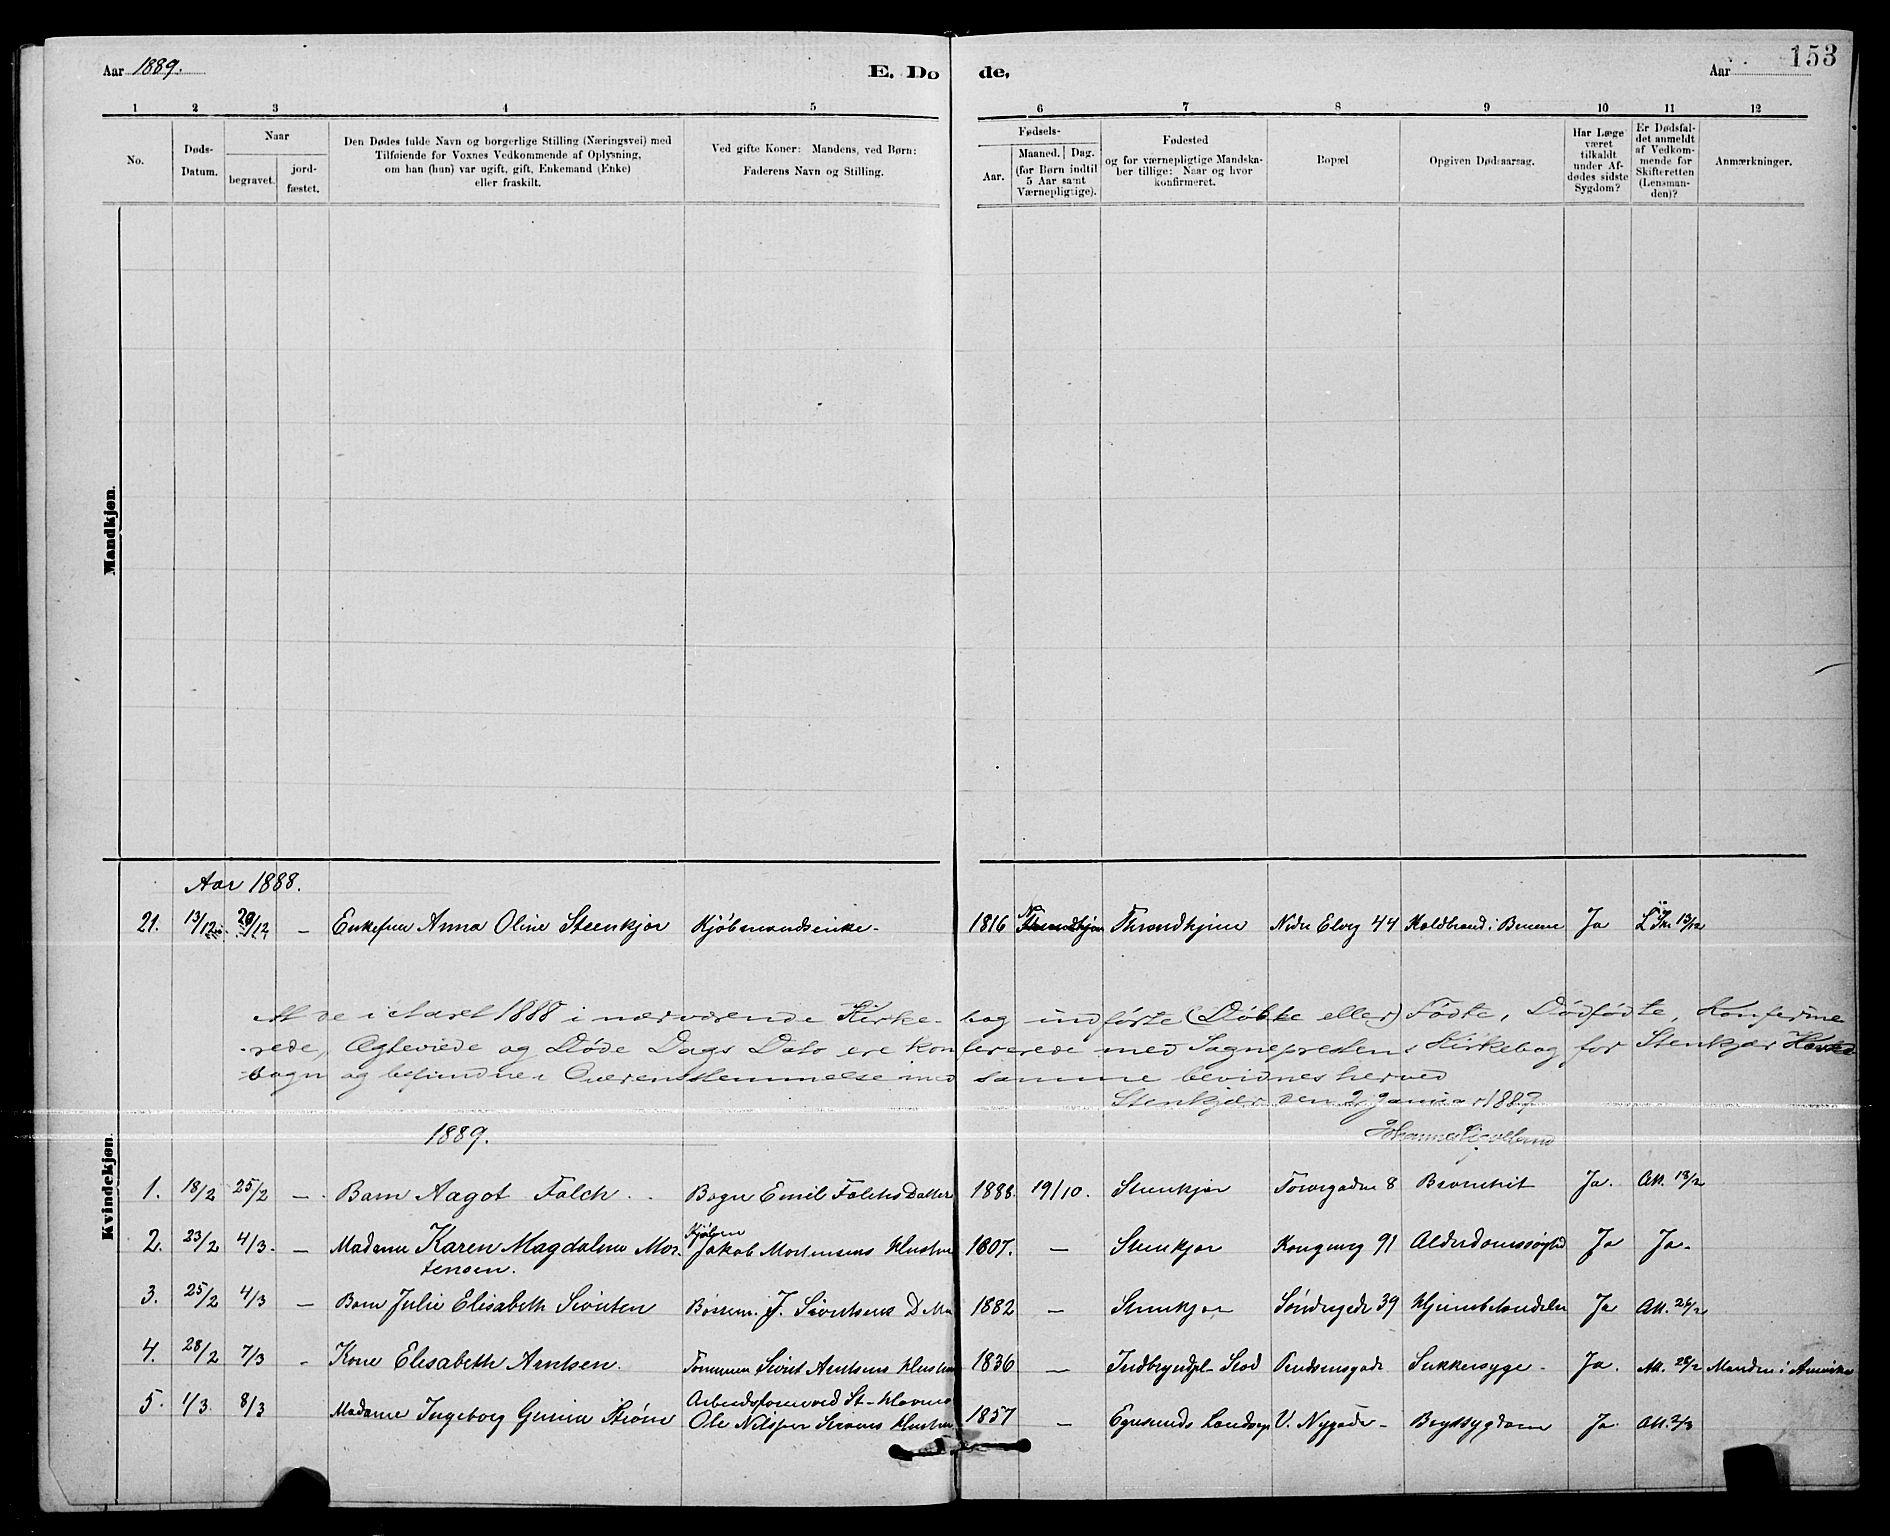 SAT, Ministerialprotokoller, klokkerbøker og fødselsregistre - Nord-Trøndelag, 739/L0374: Klokkerbok nr. 739C02, 1883-1898, s. 153